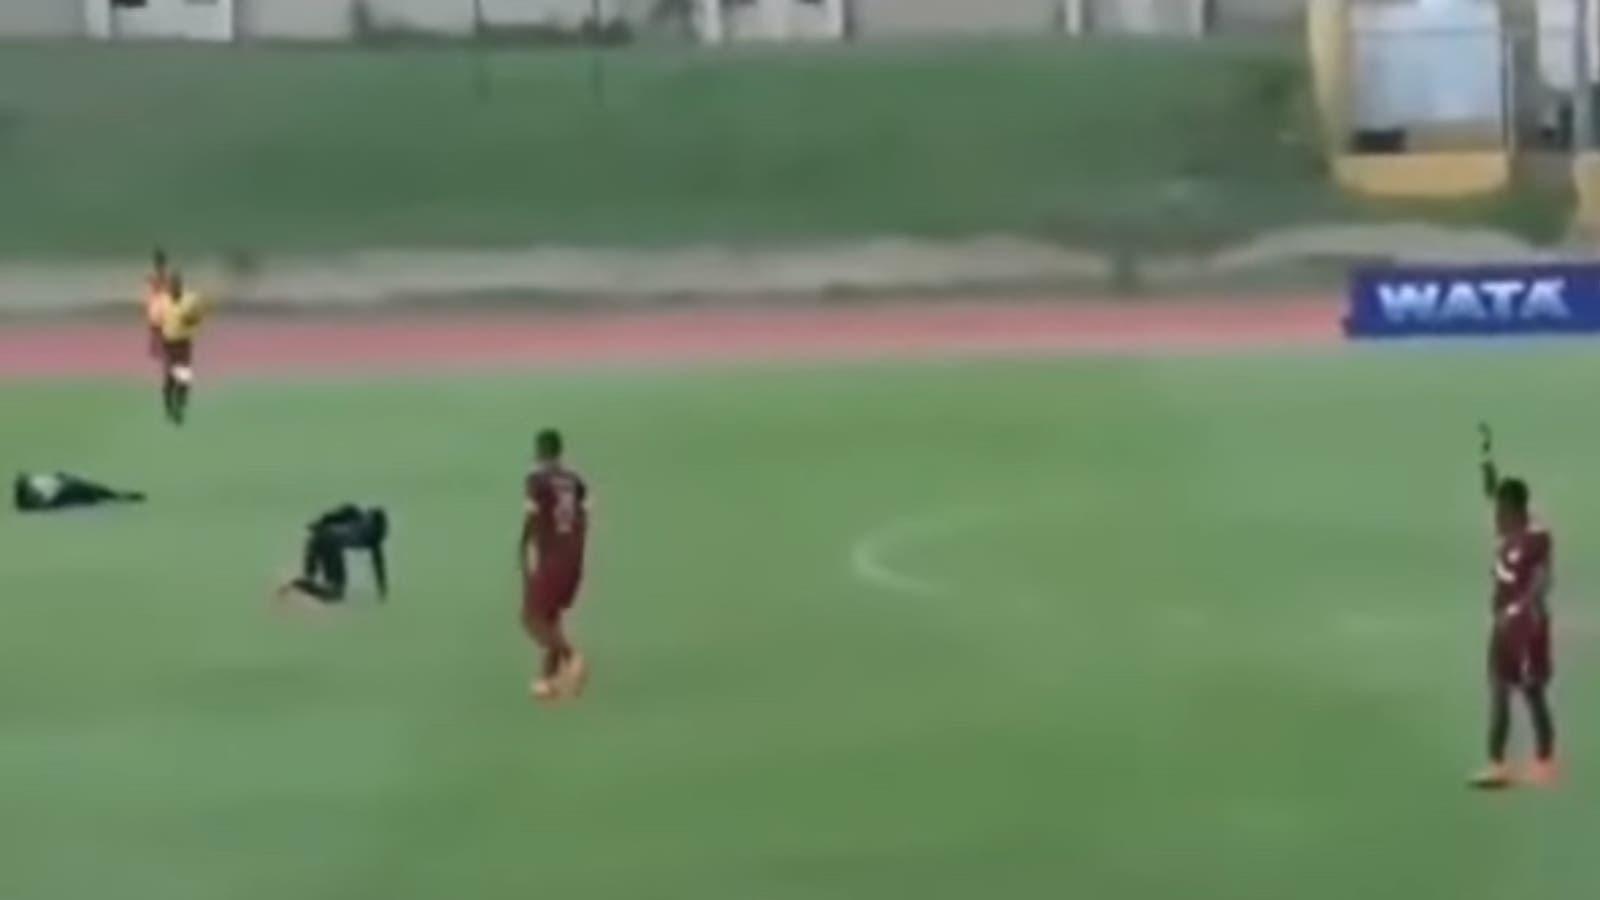 لاعبان يتعرضان للصعق بسبب البرق خلال مباراة كرة قدم.. الجمهور وثق اللحظة!